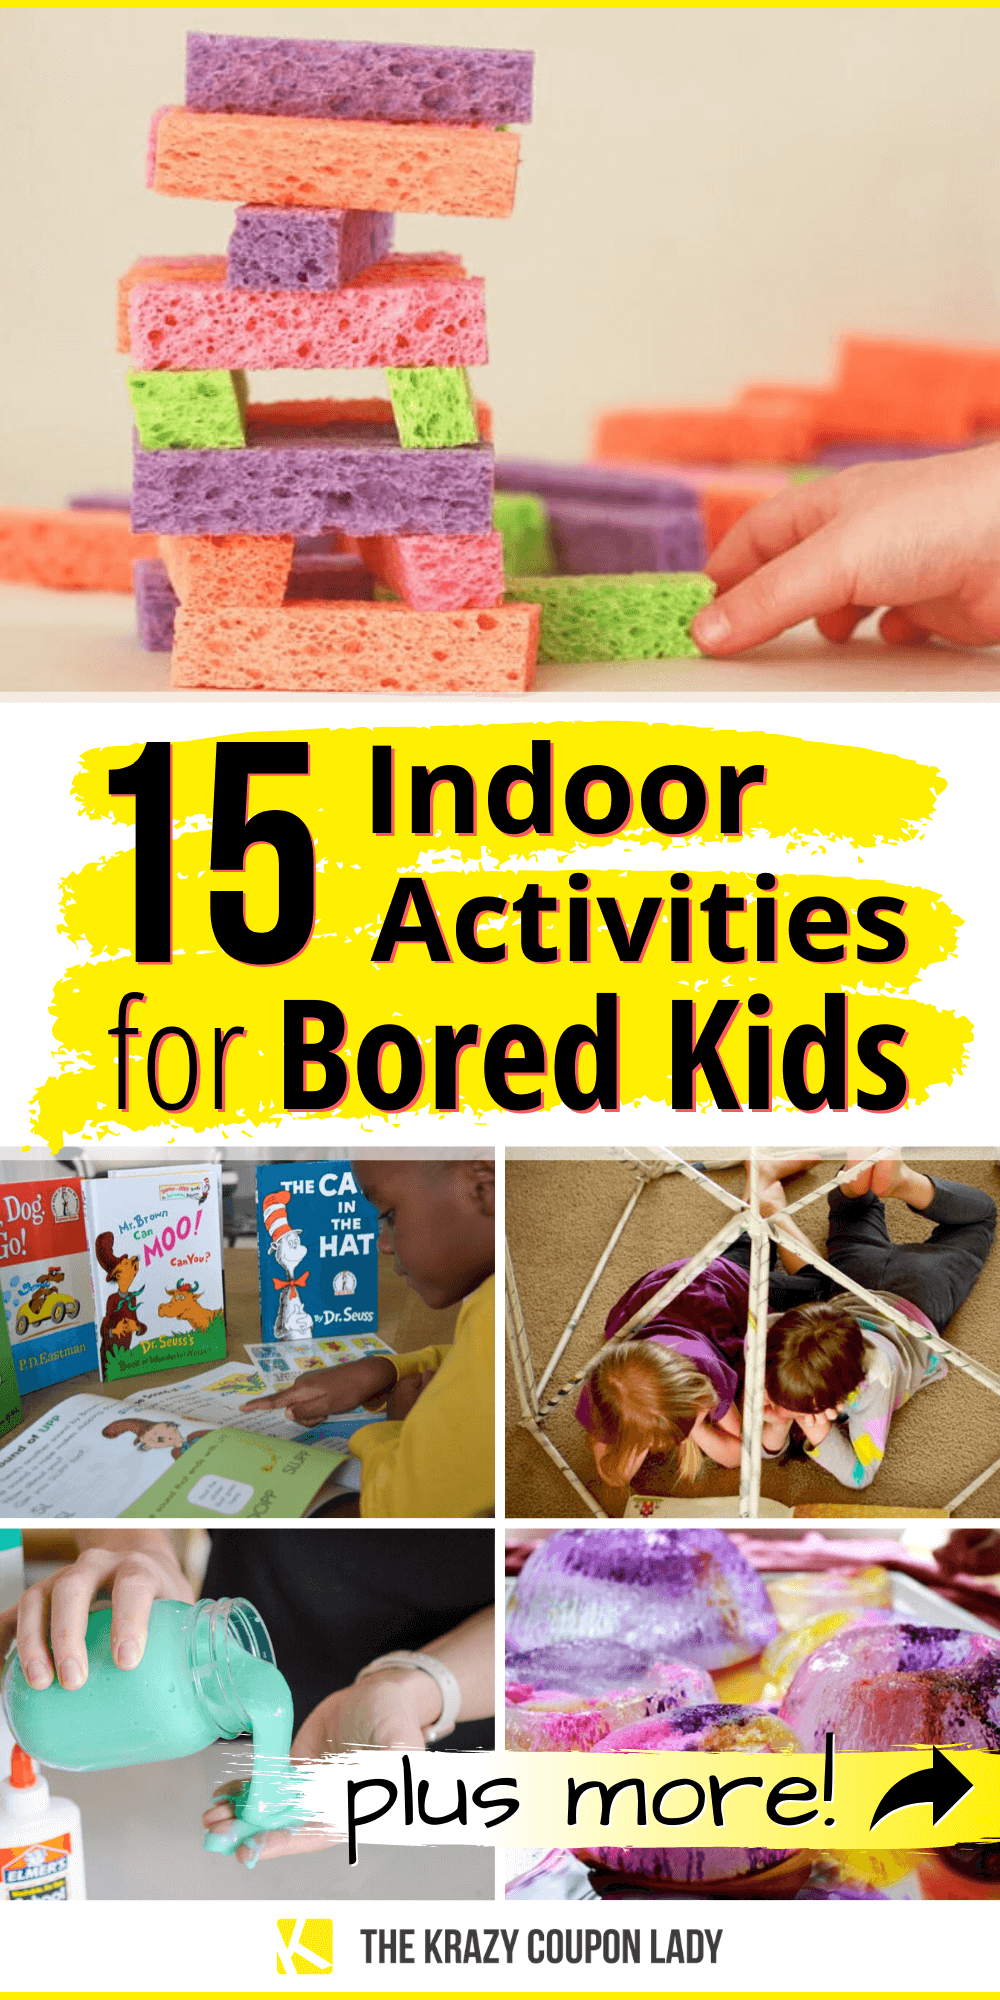 Photo of 15 Indoor Activities for Bored Kids